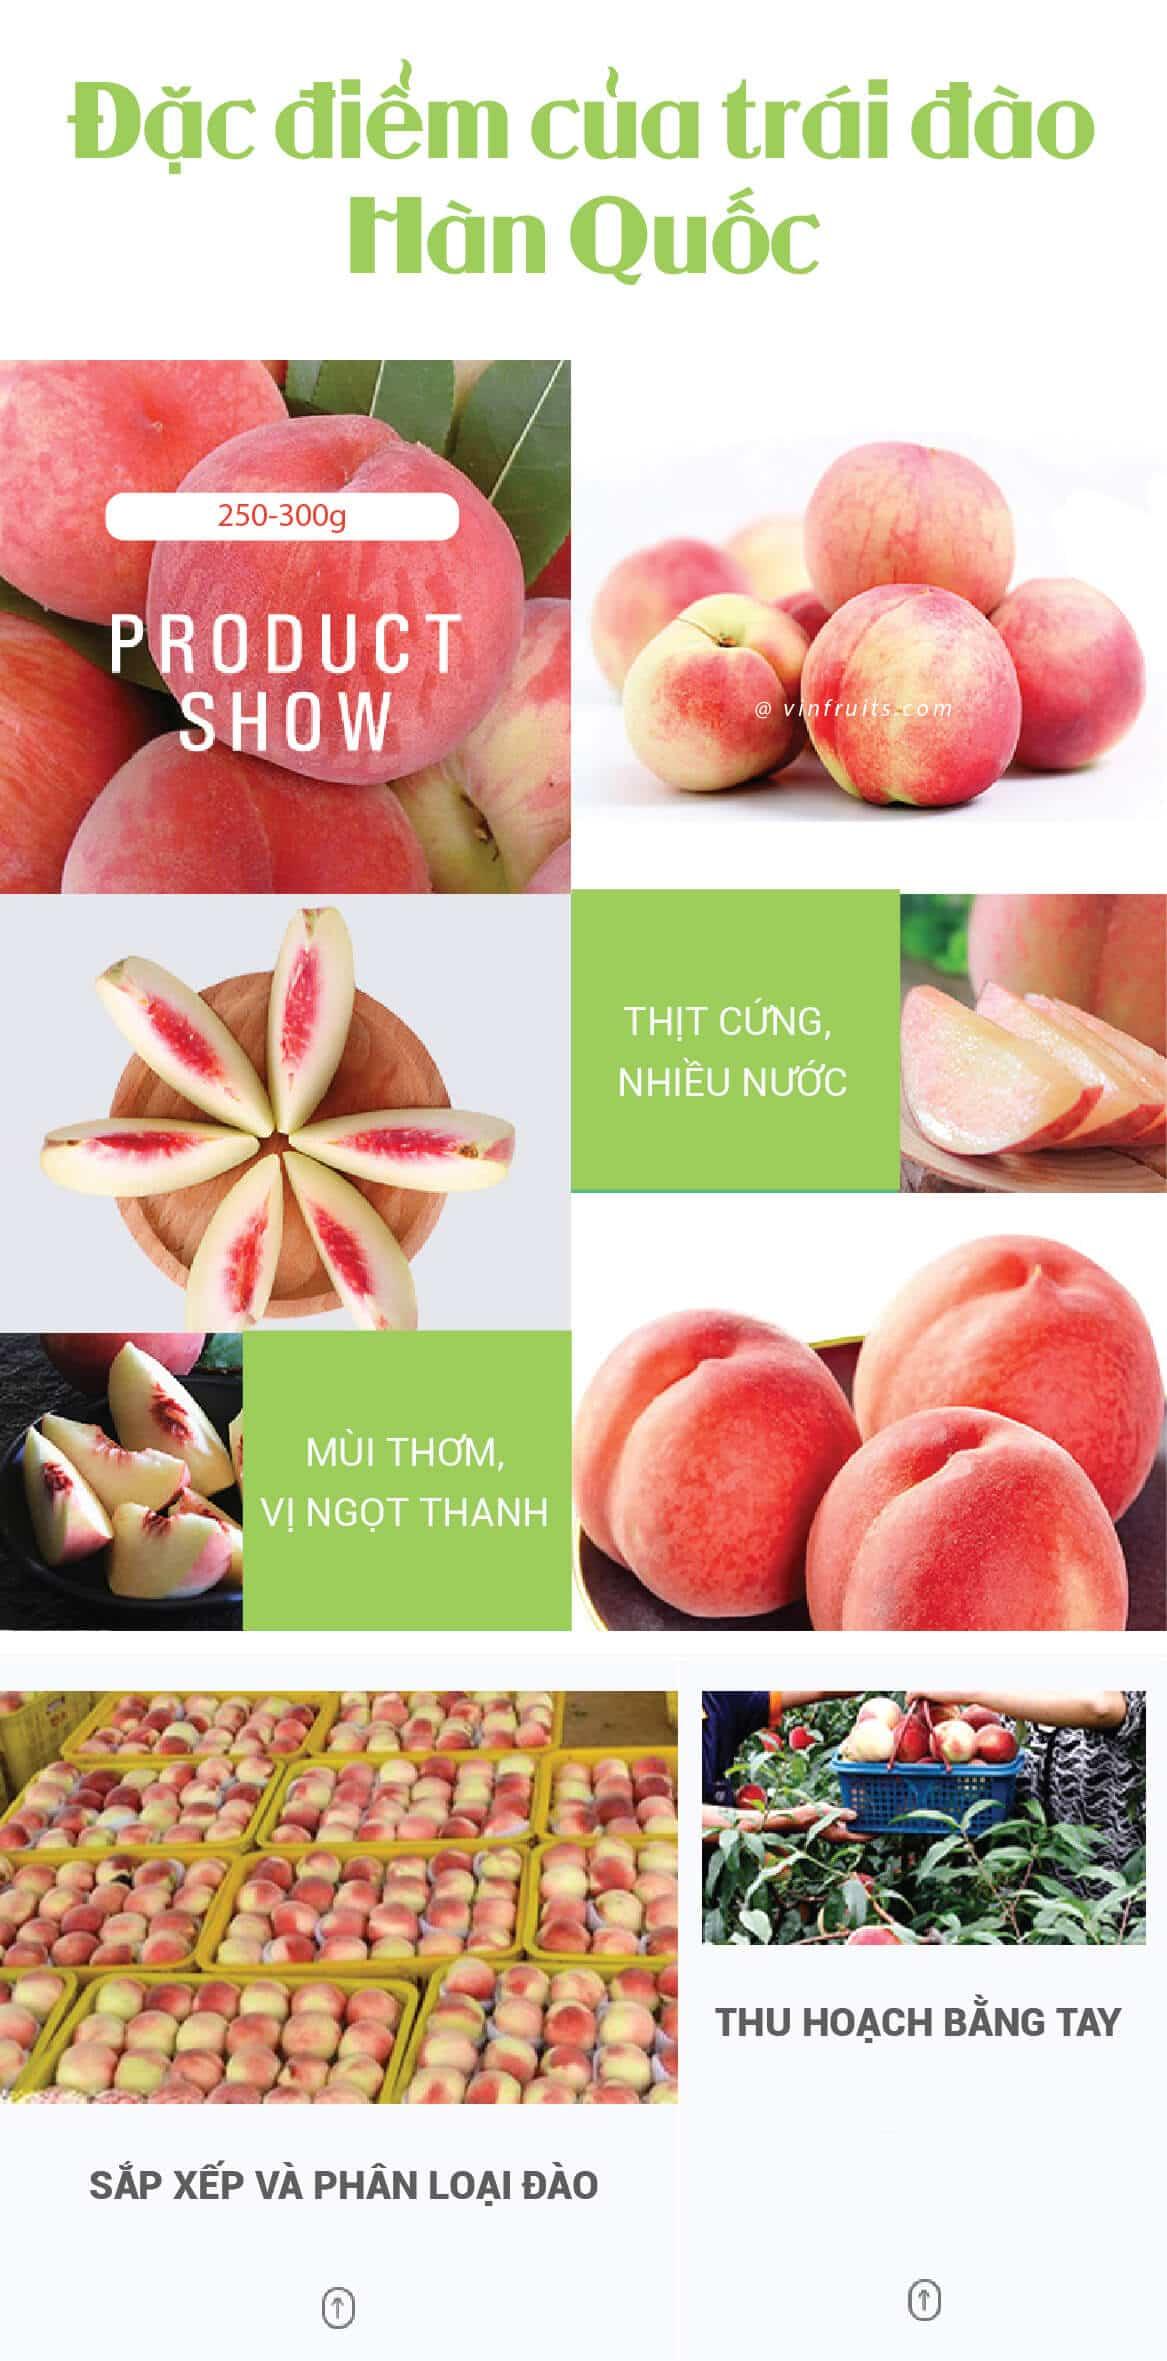 Qua dao Han Quoc - vinfruits 2